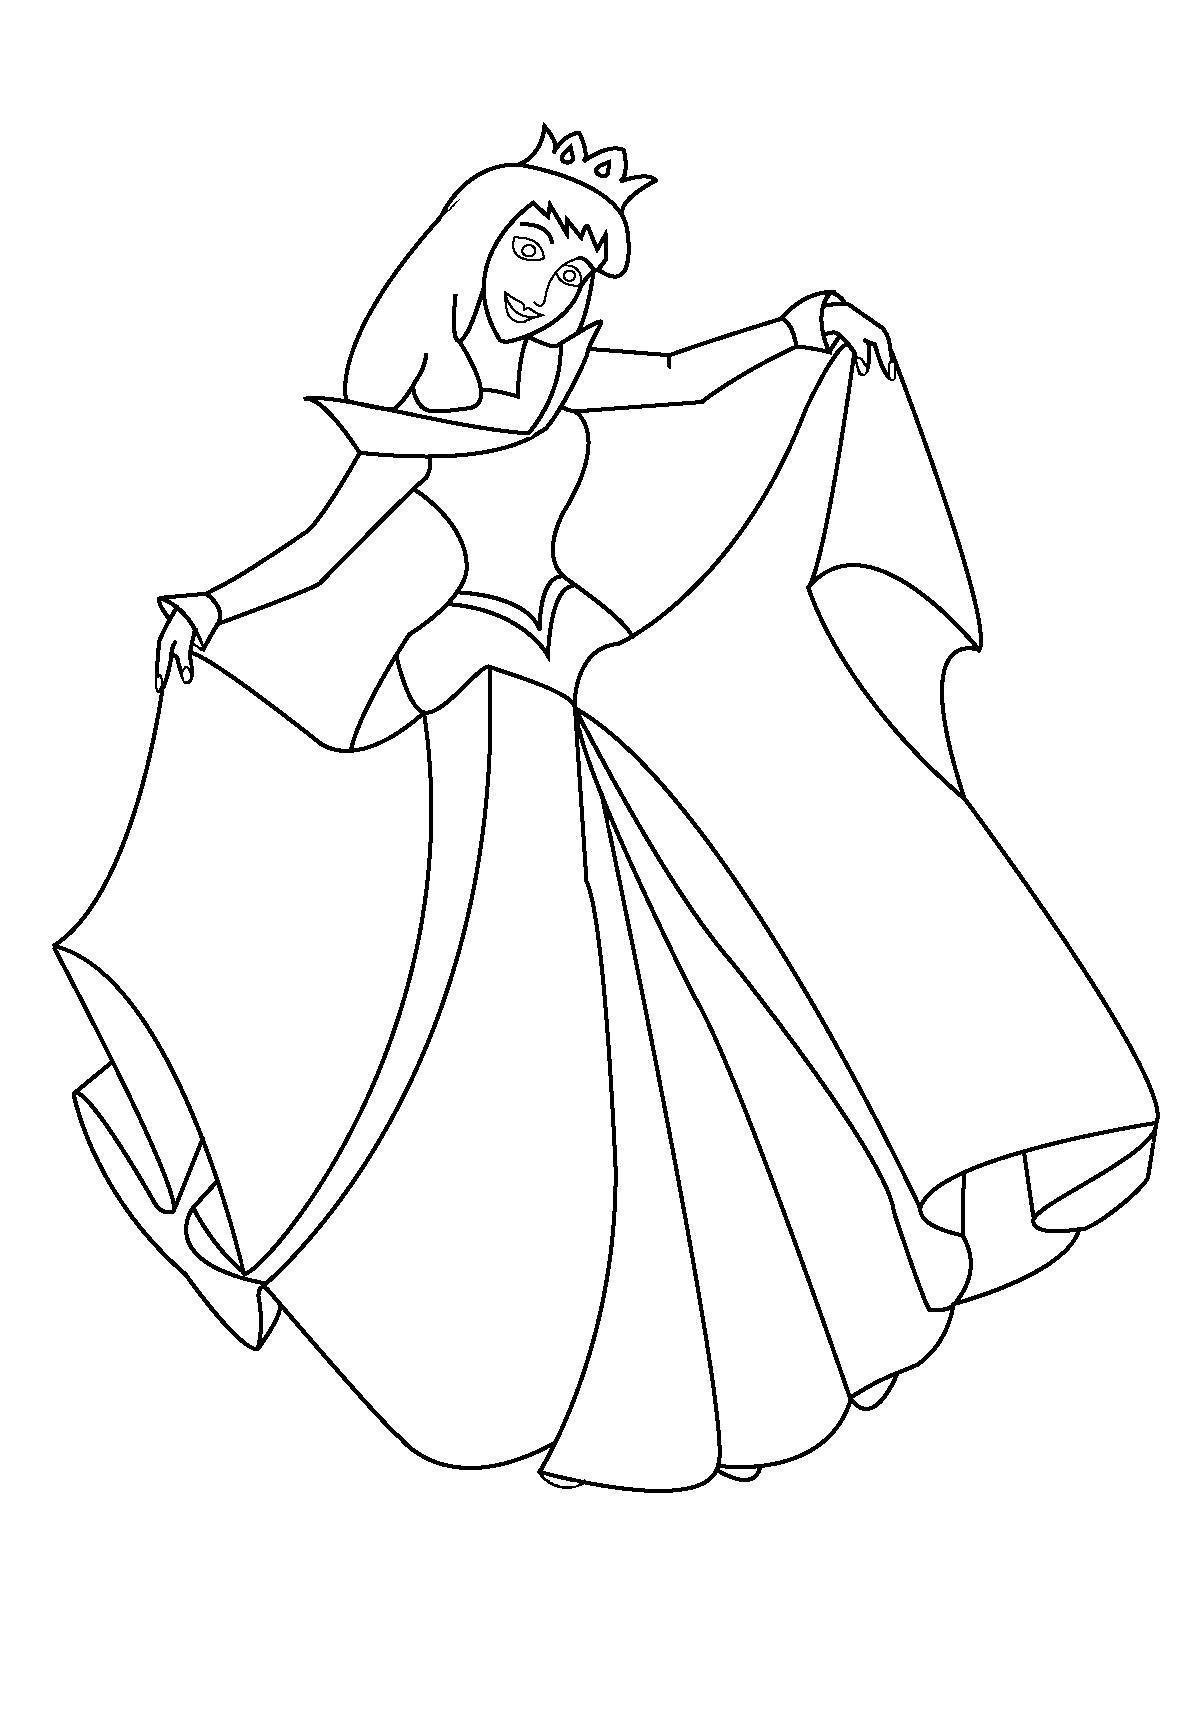 Танцующая принцесса на балу Раскраски цветов бесплатно